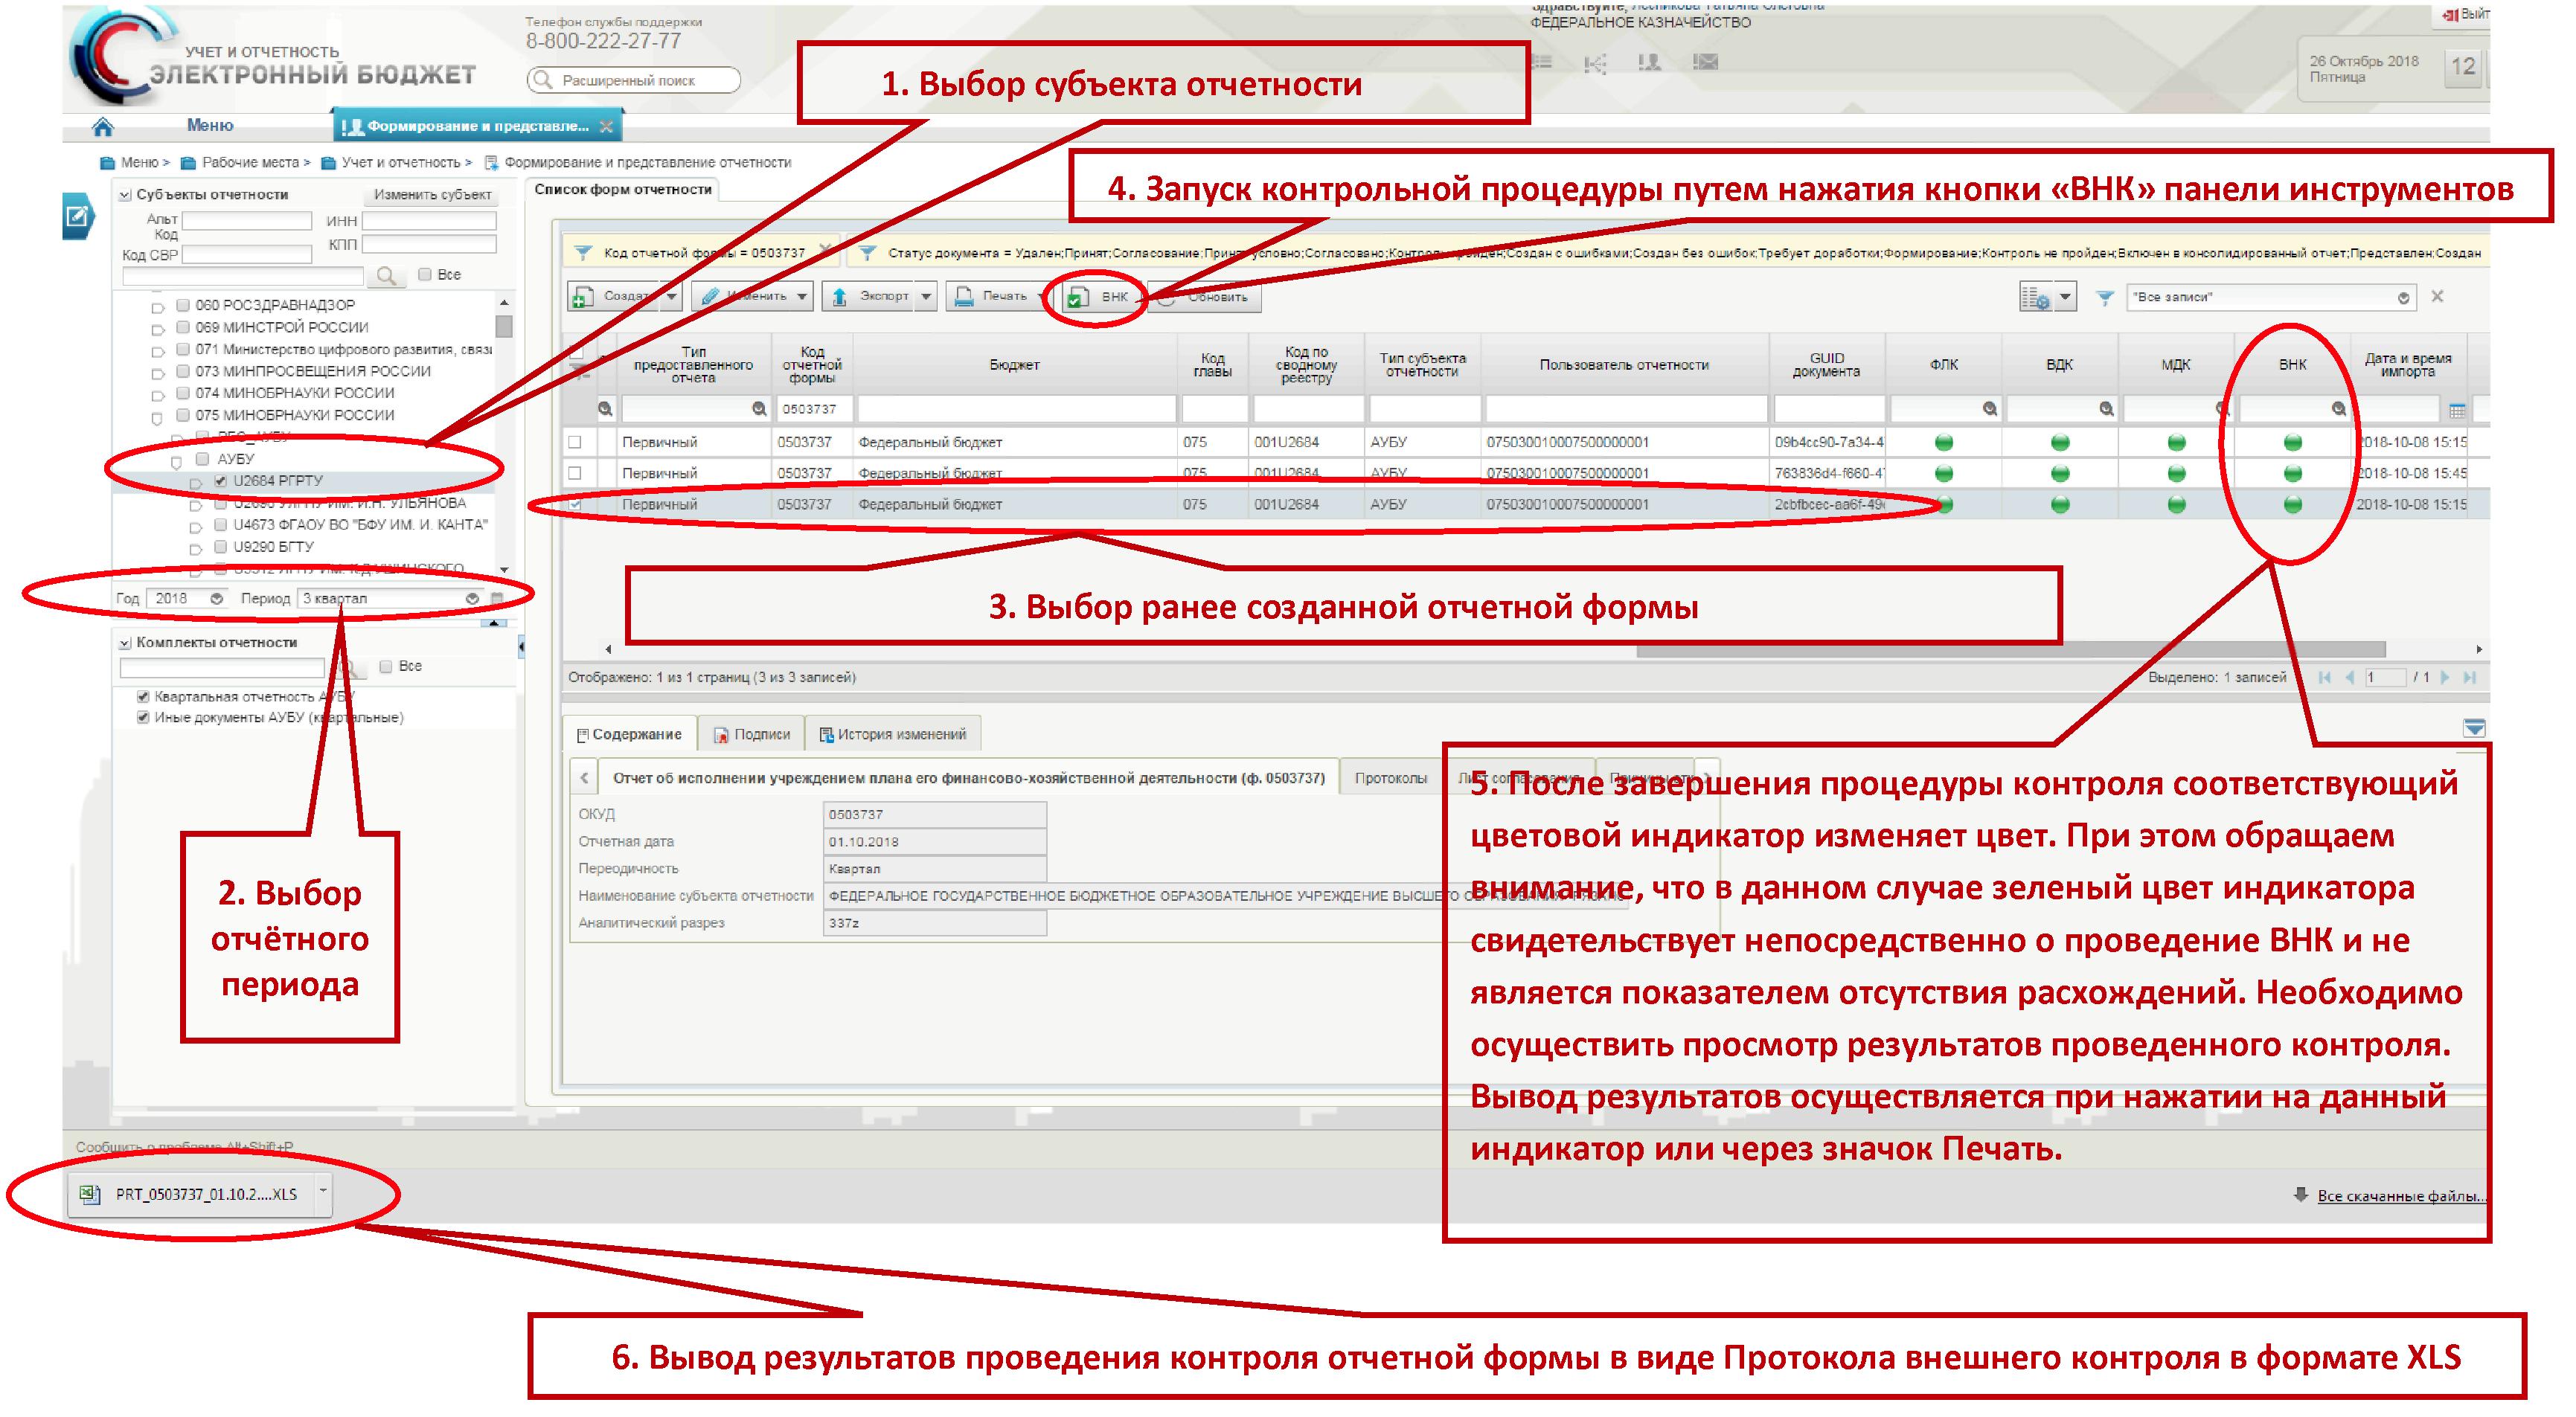 Код субъекта отчетности для электронного бюджета это договор бухгалтерского обслуживания для тсж